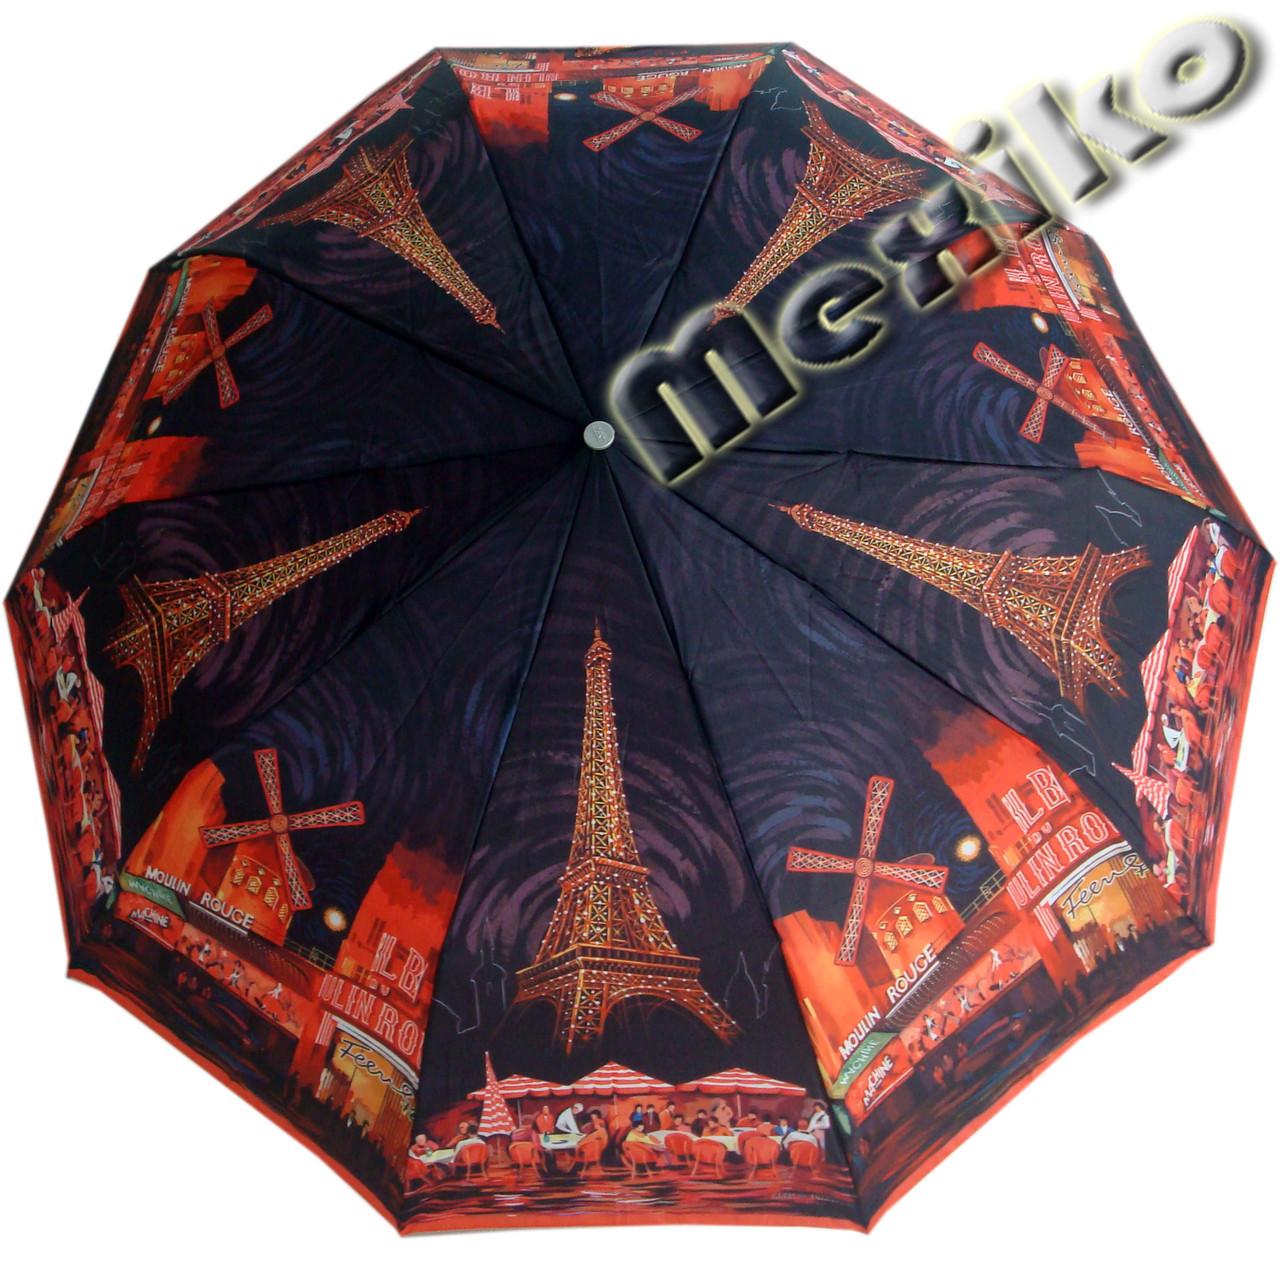 Зонт ZEST, полный автомат серия 10 спиц, расцветка Мулен Руж